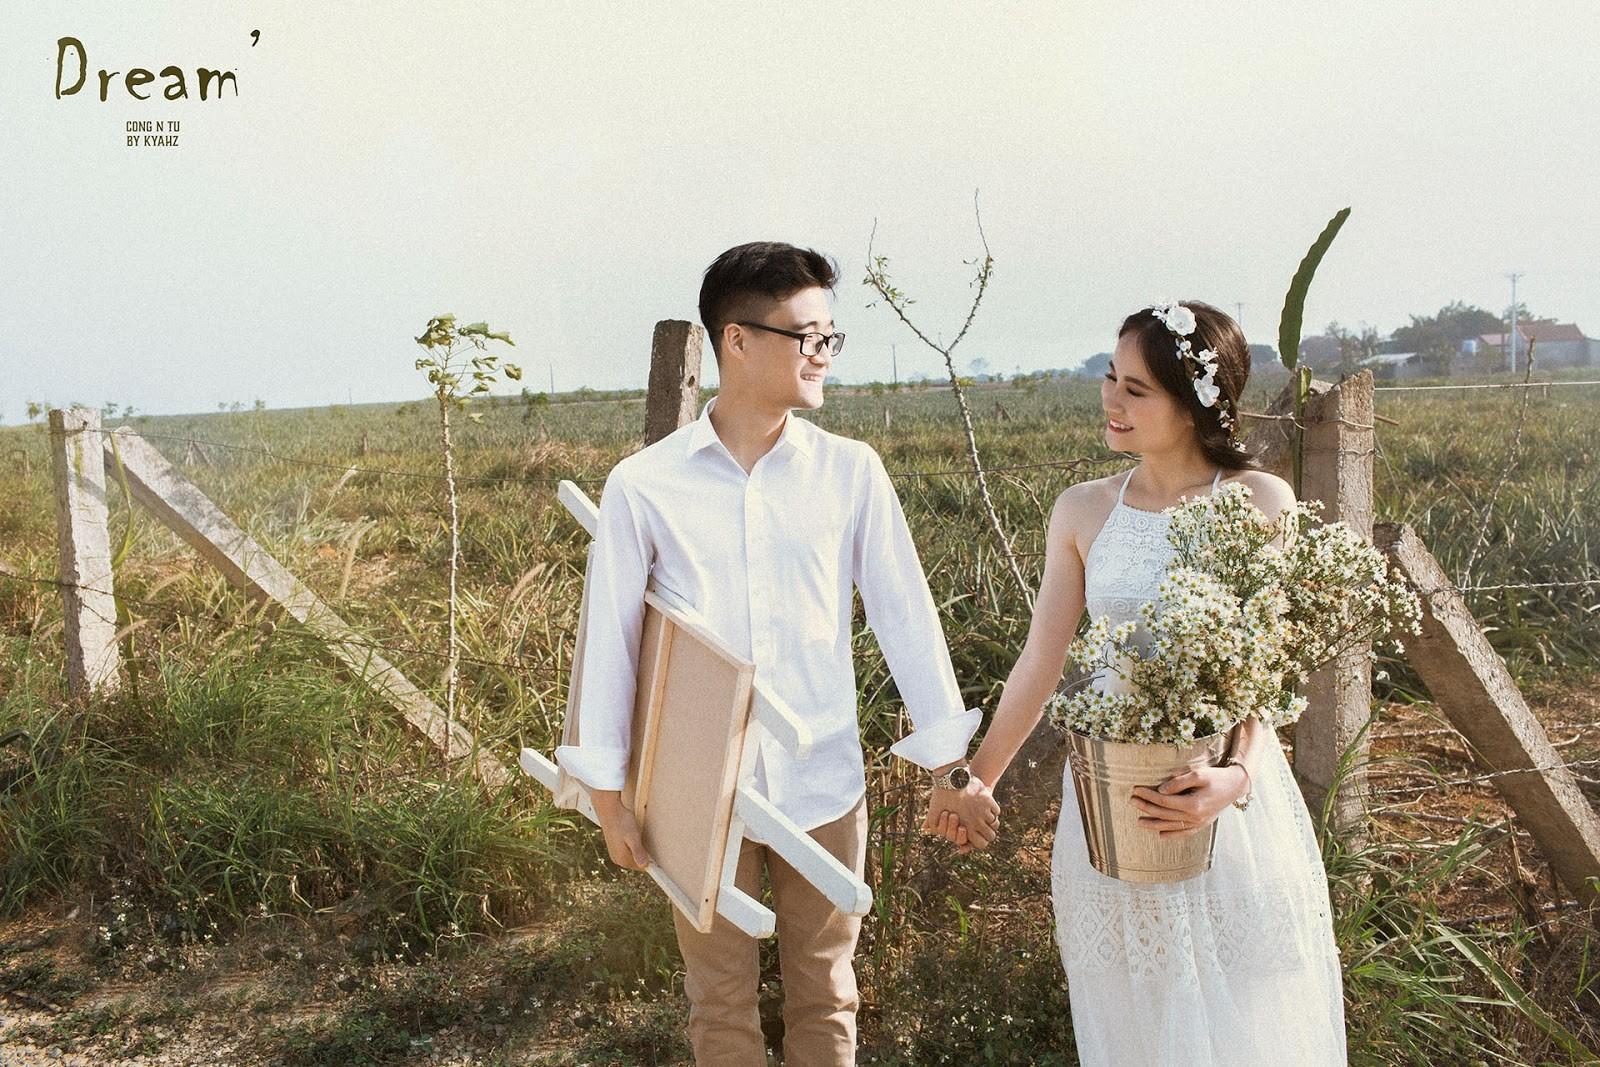 """Dân tình phát sốt với bộ ảnh cưới trong trẻo """"Vẽ giấc mơ tình yêu"""" trên cánh đồng dứa Ninh Bình - Ảnh 4."""